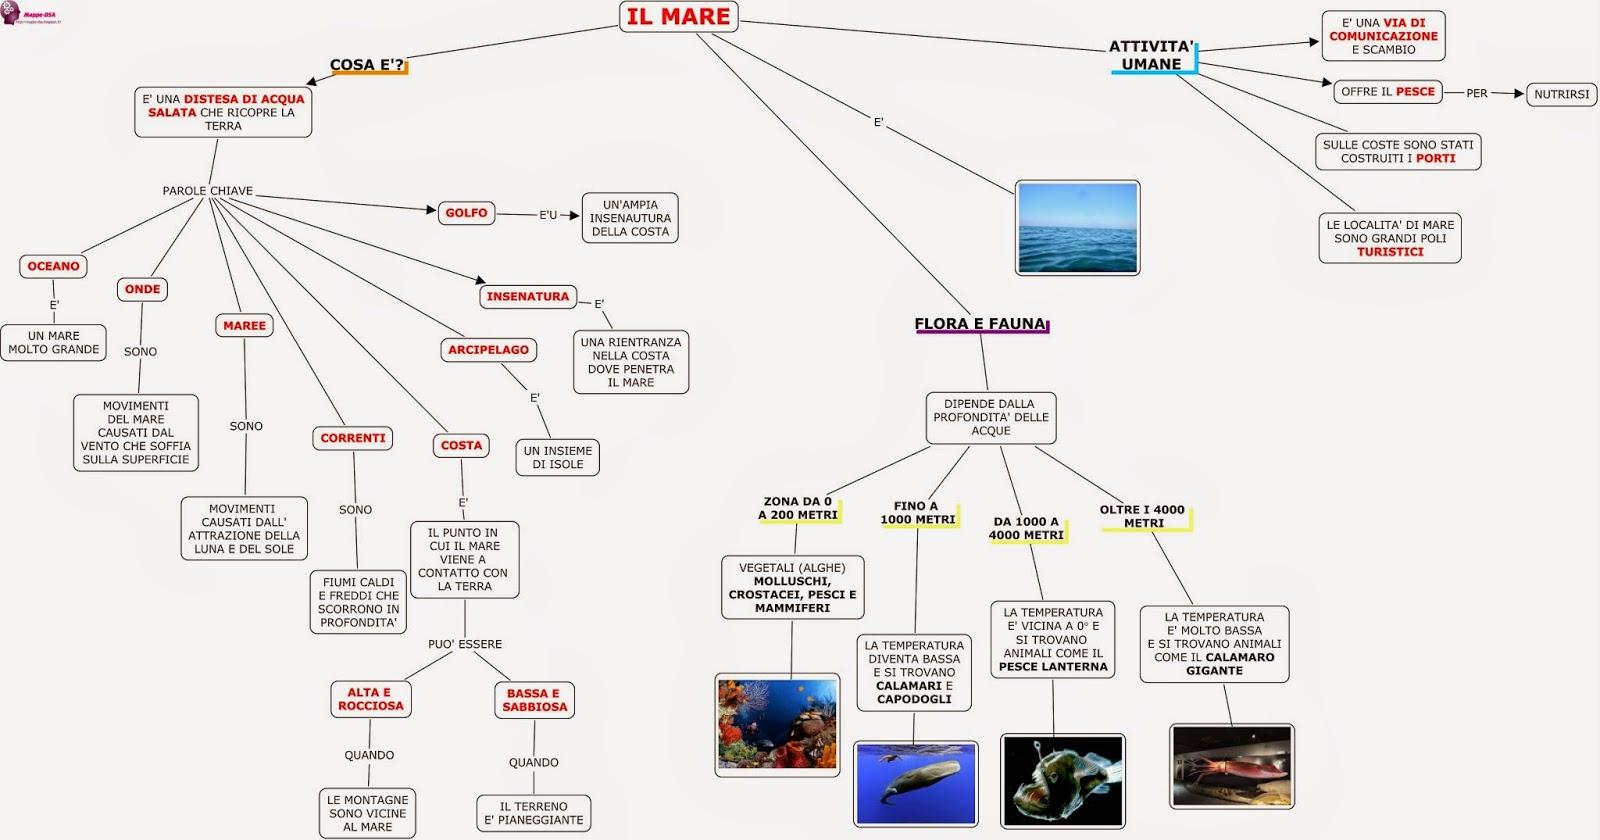 mappa dsa geografia mare